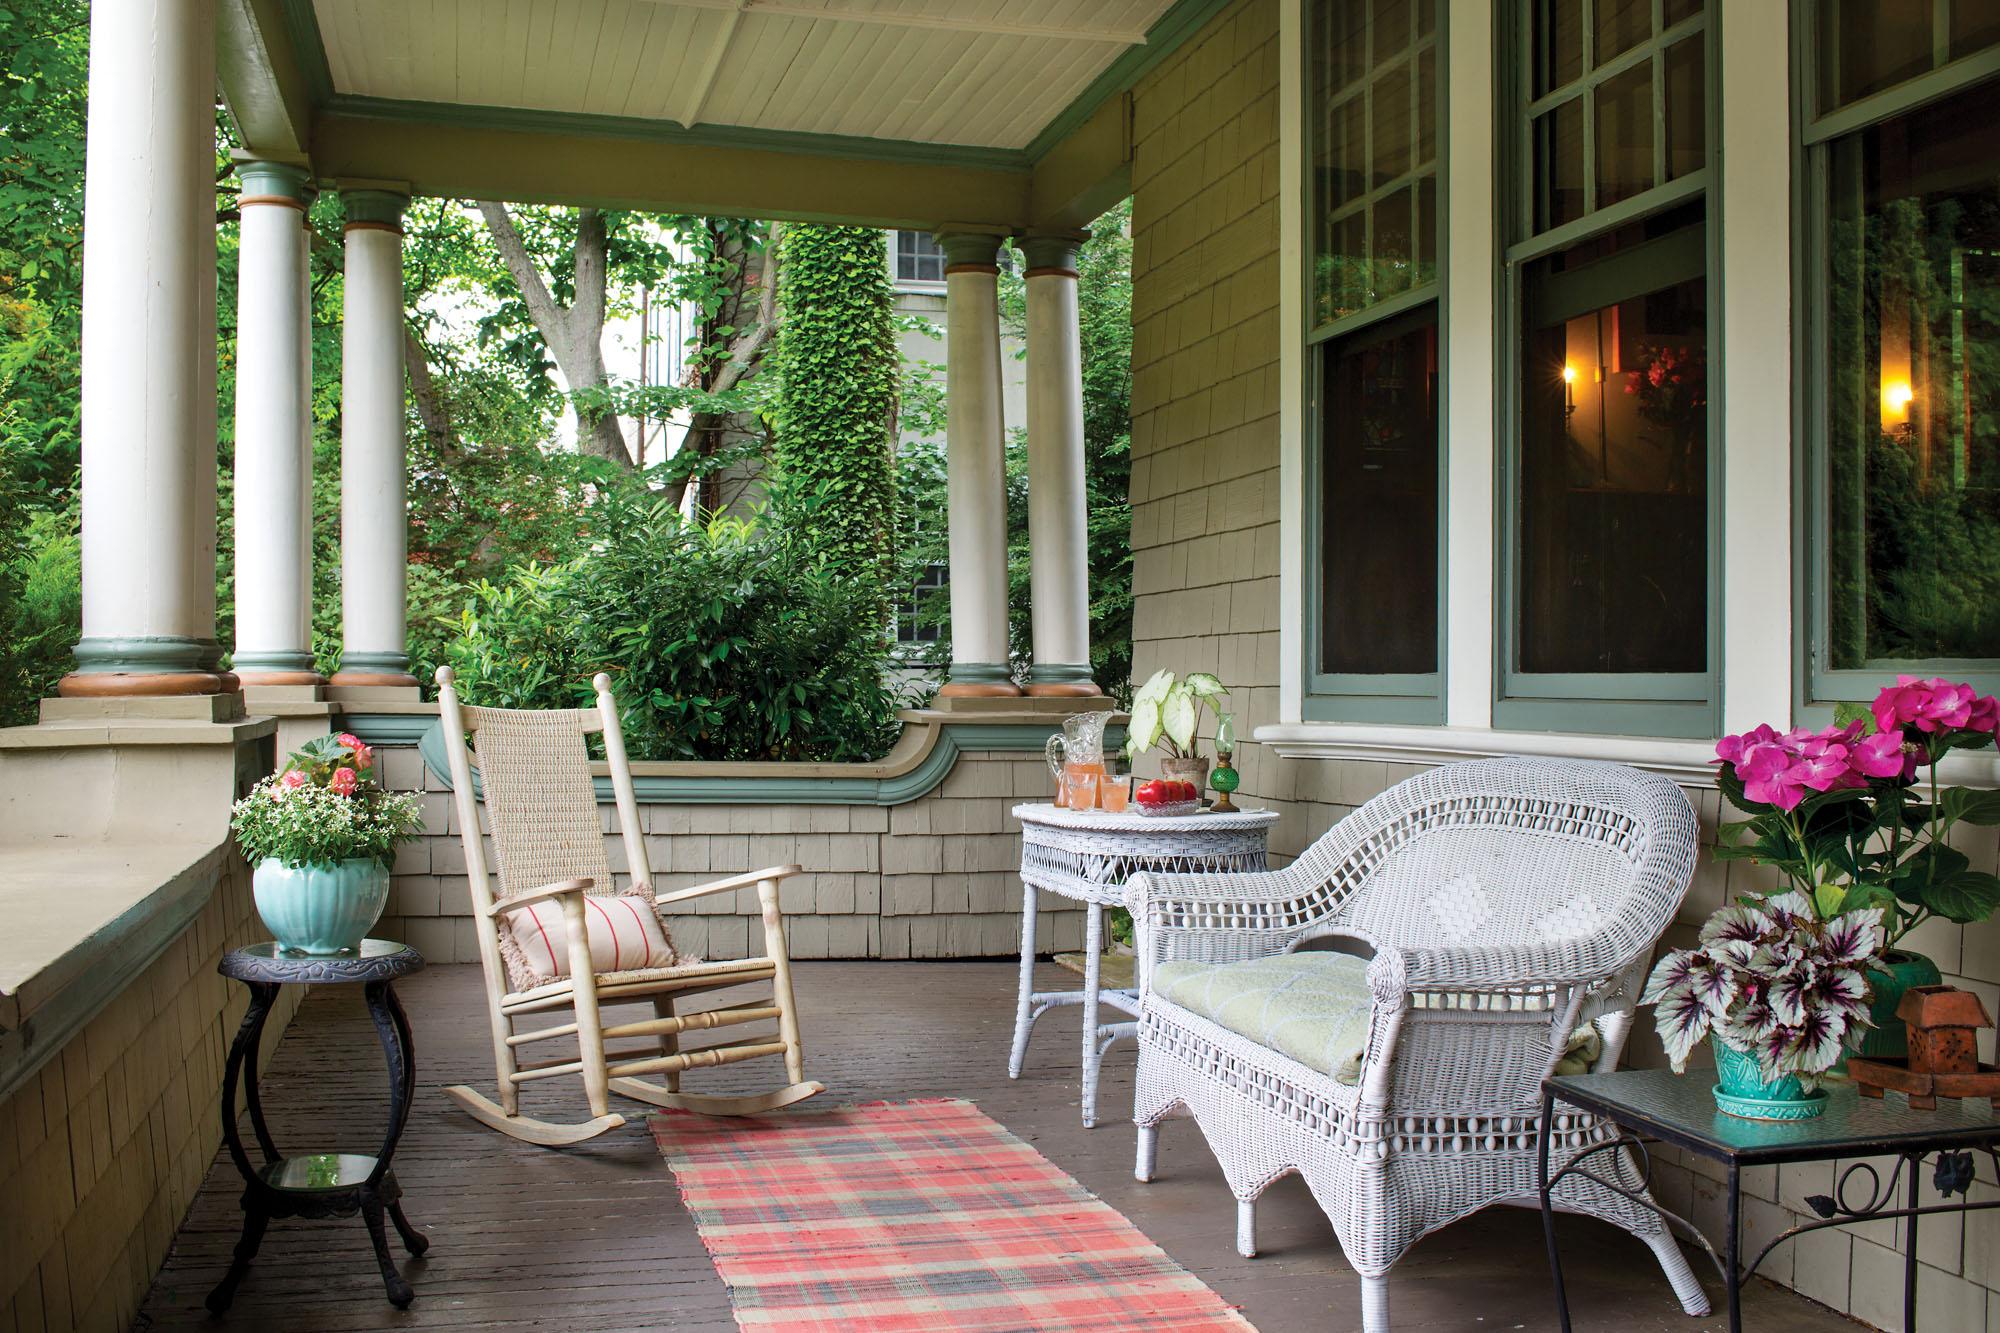 porch with round columns